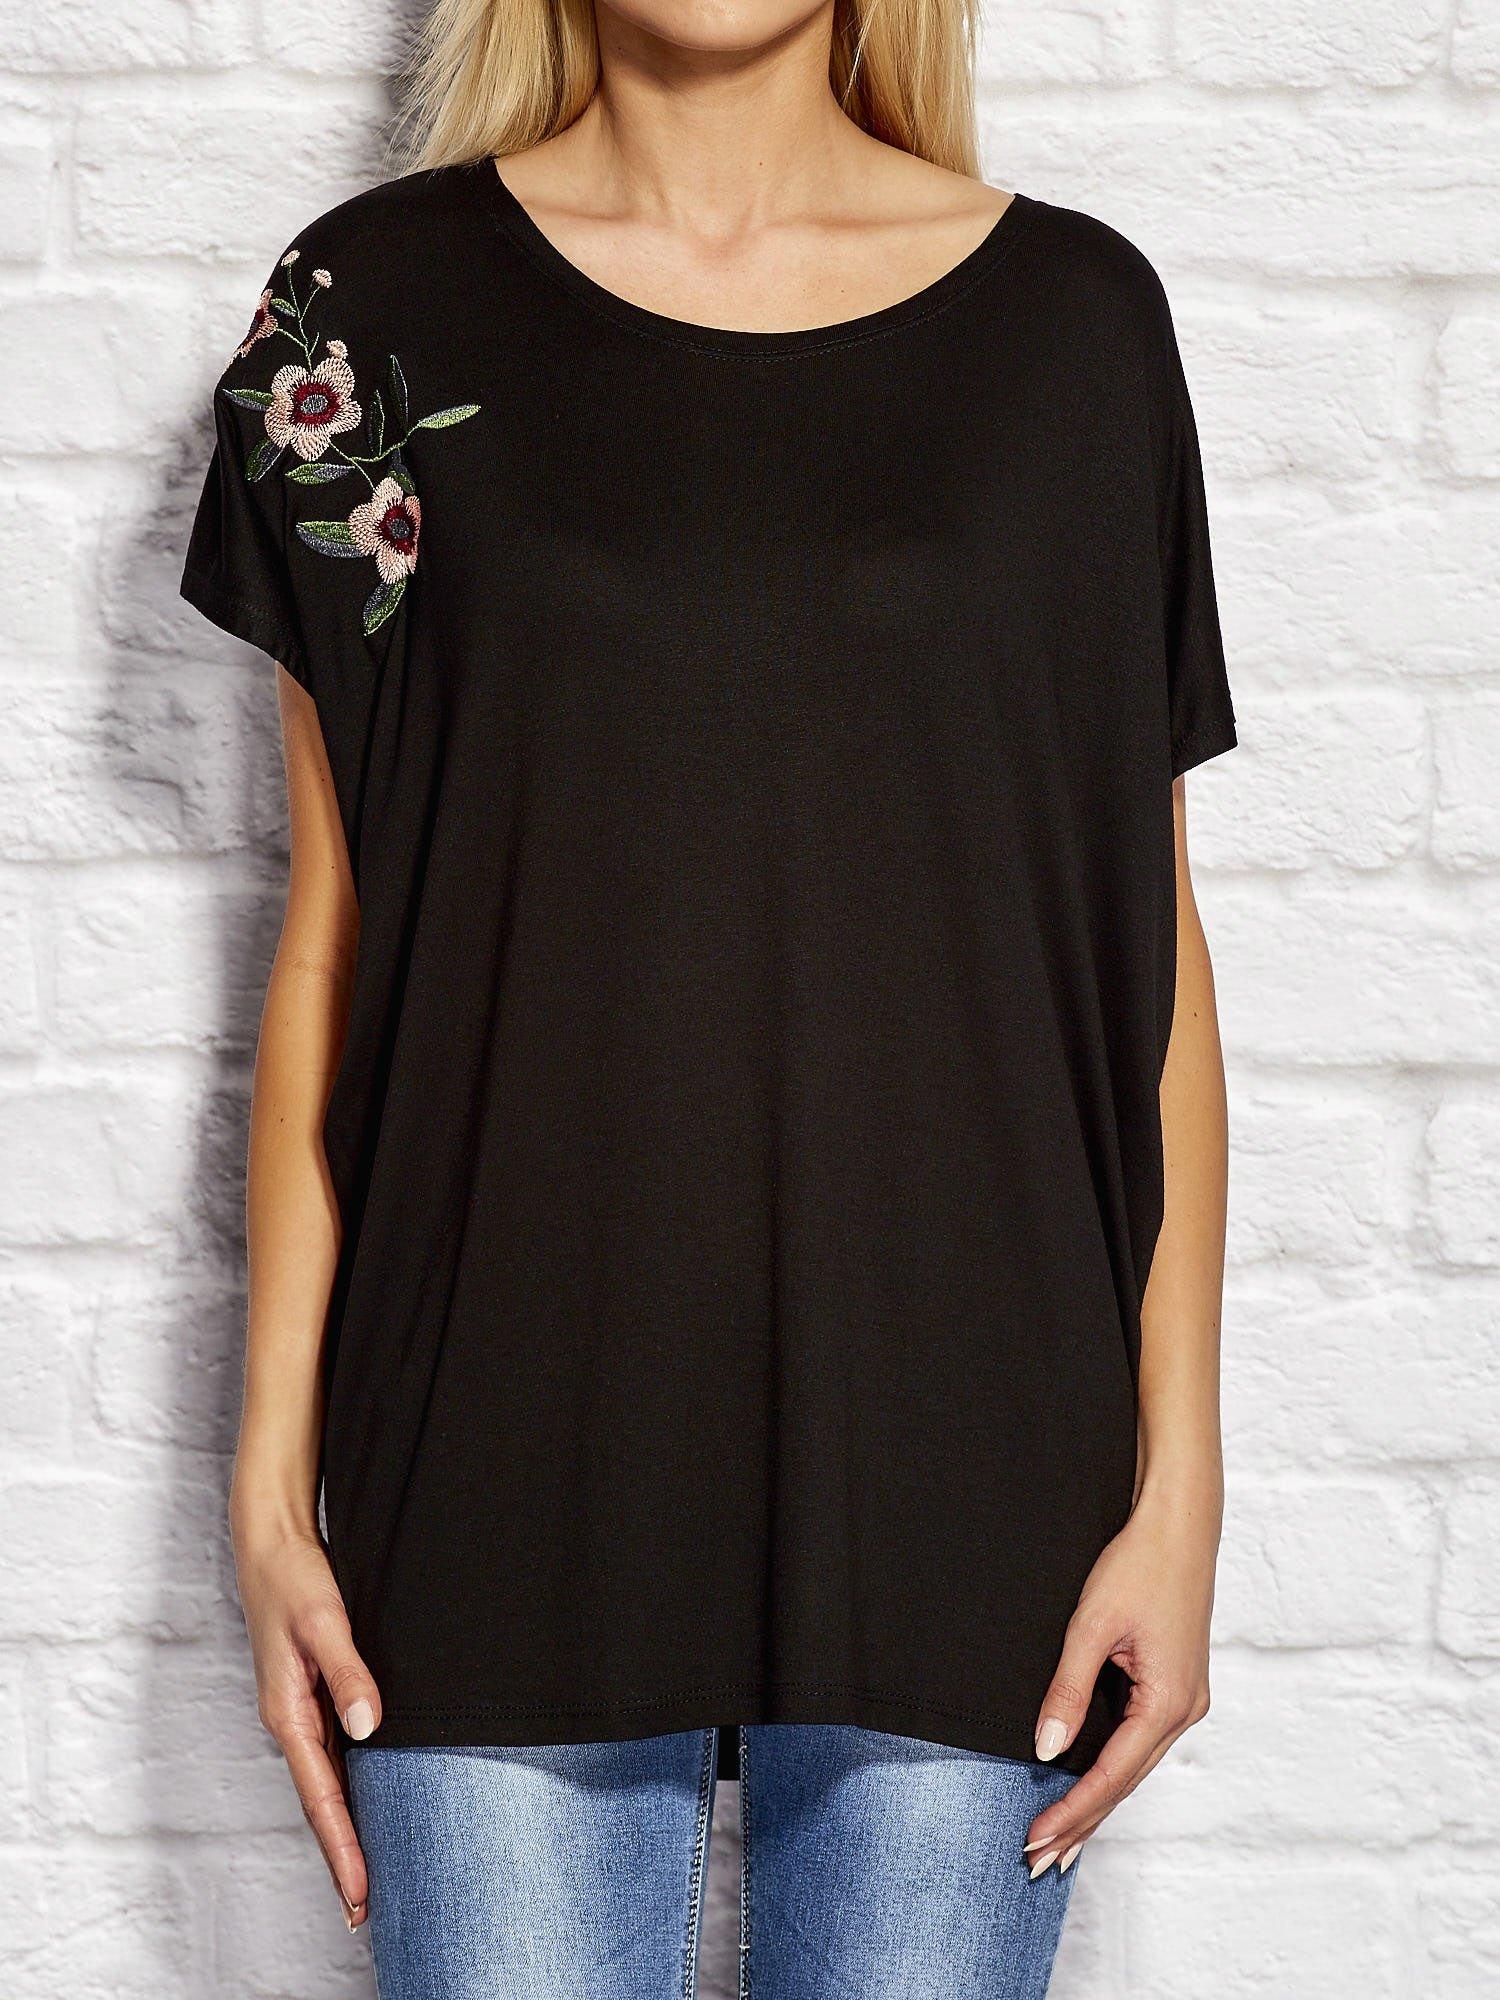 164e93f25dfde0 Czarna bluzka z kwiatowym haftem - Bluzka over size - sklep eButik.pl